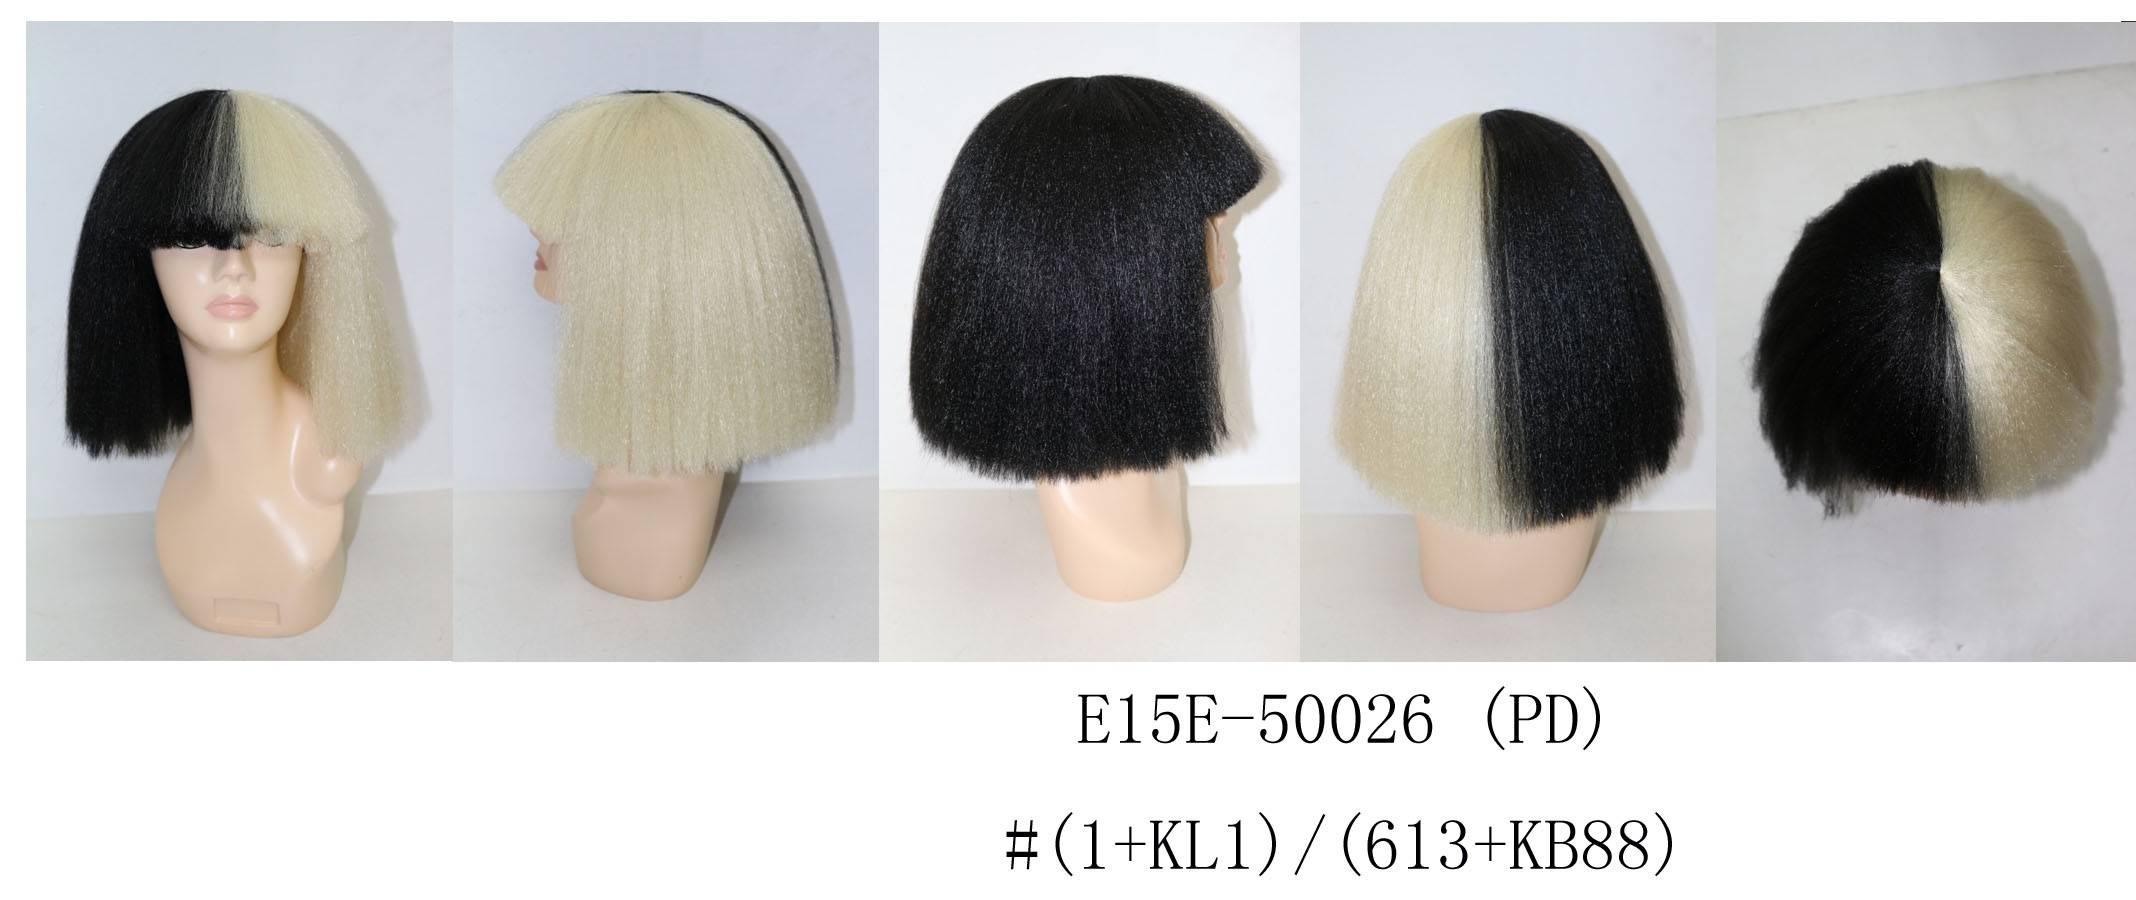 E15E-50026